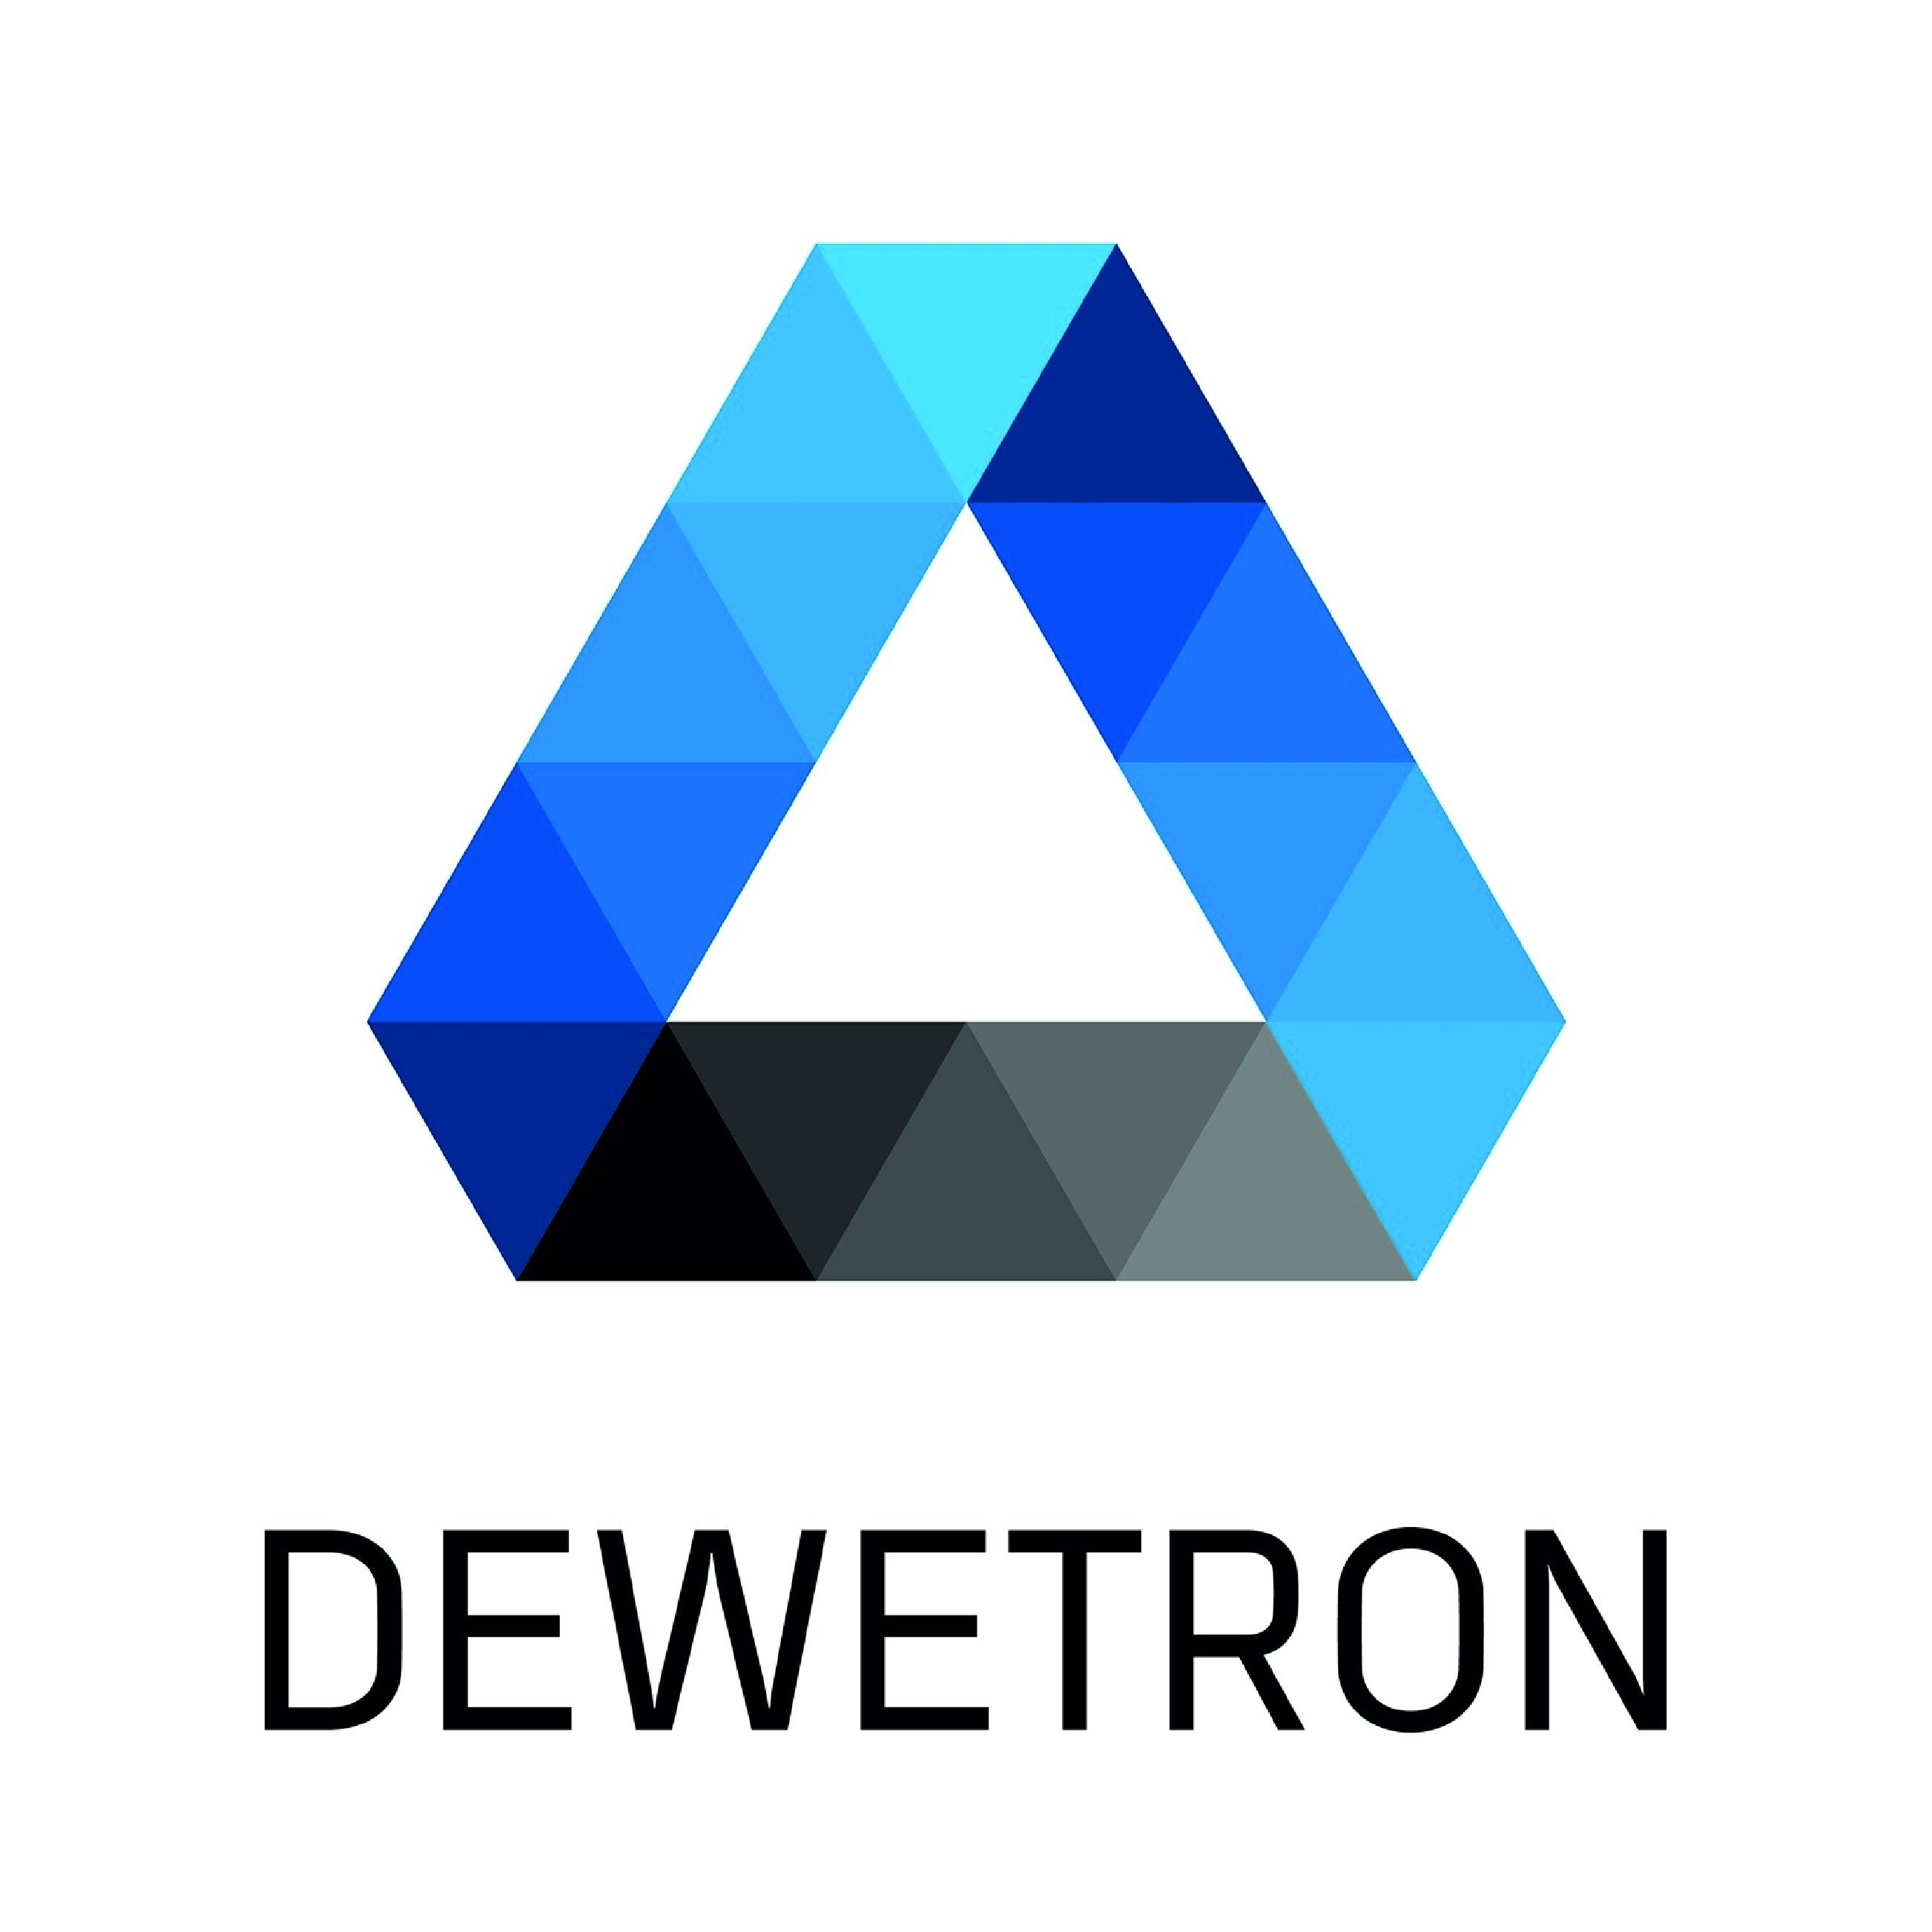 Dewetron-forumesure-exposition-international-qualité-mesure-metrologie-nantes_Plan de travail 1